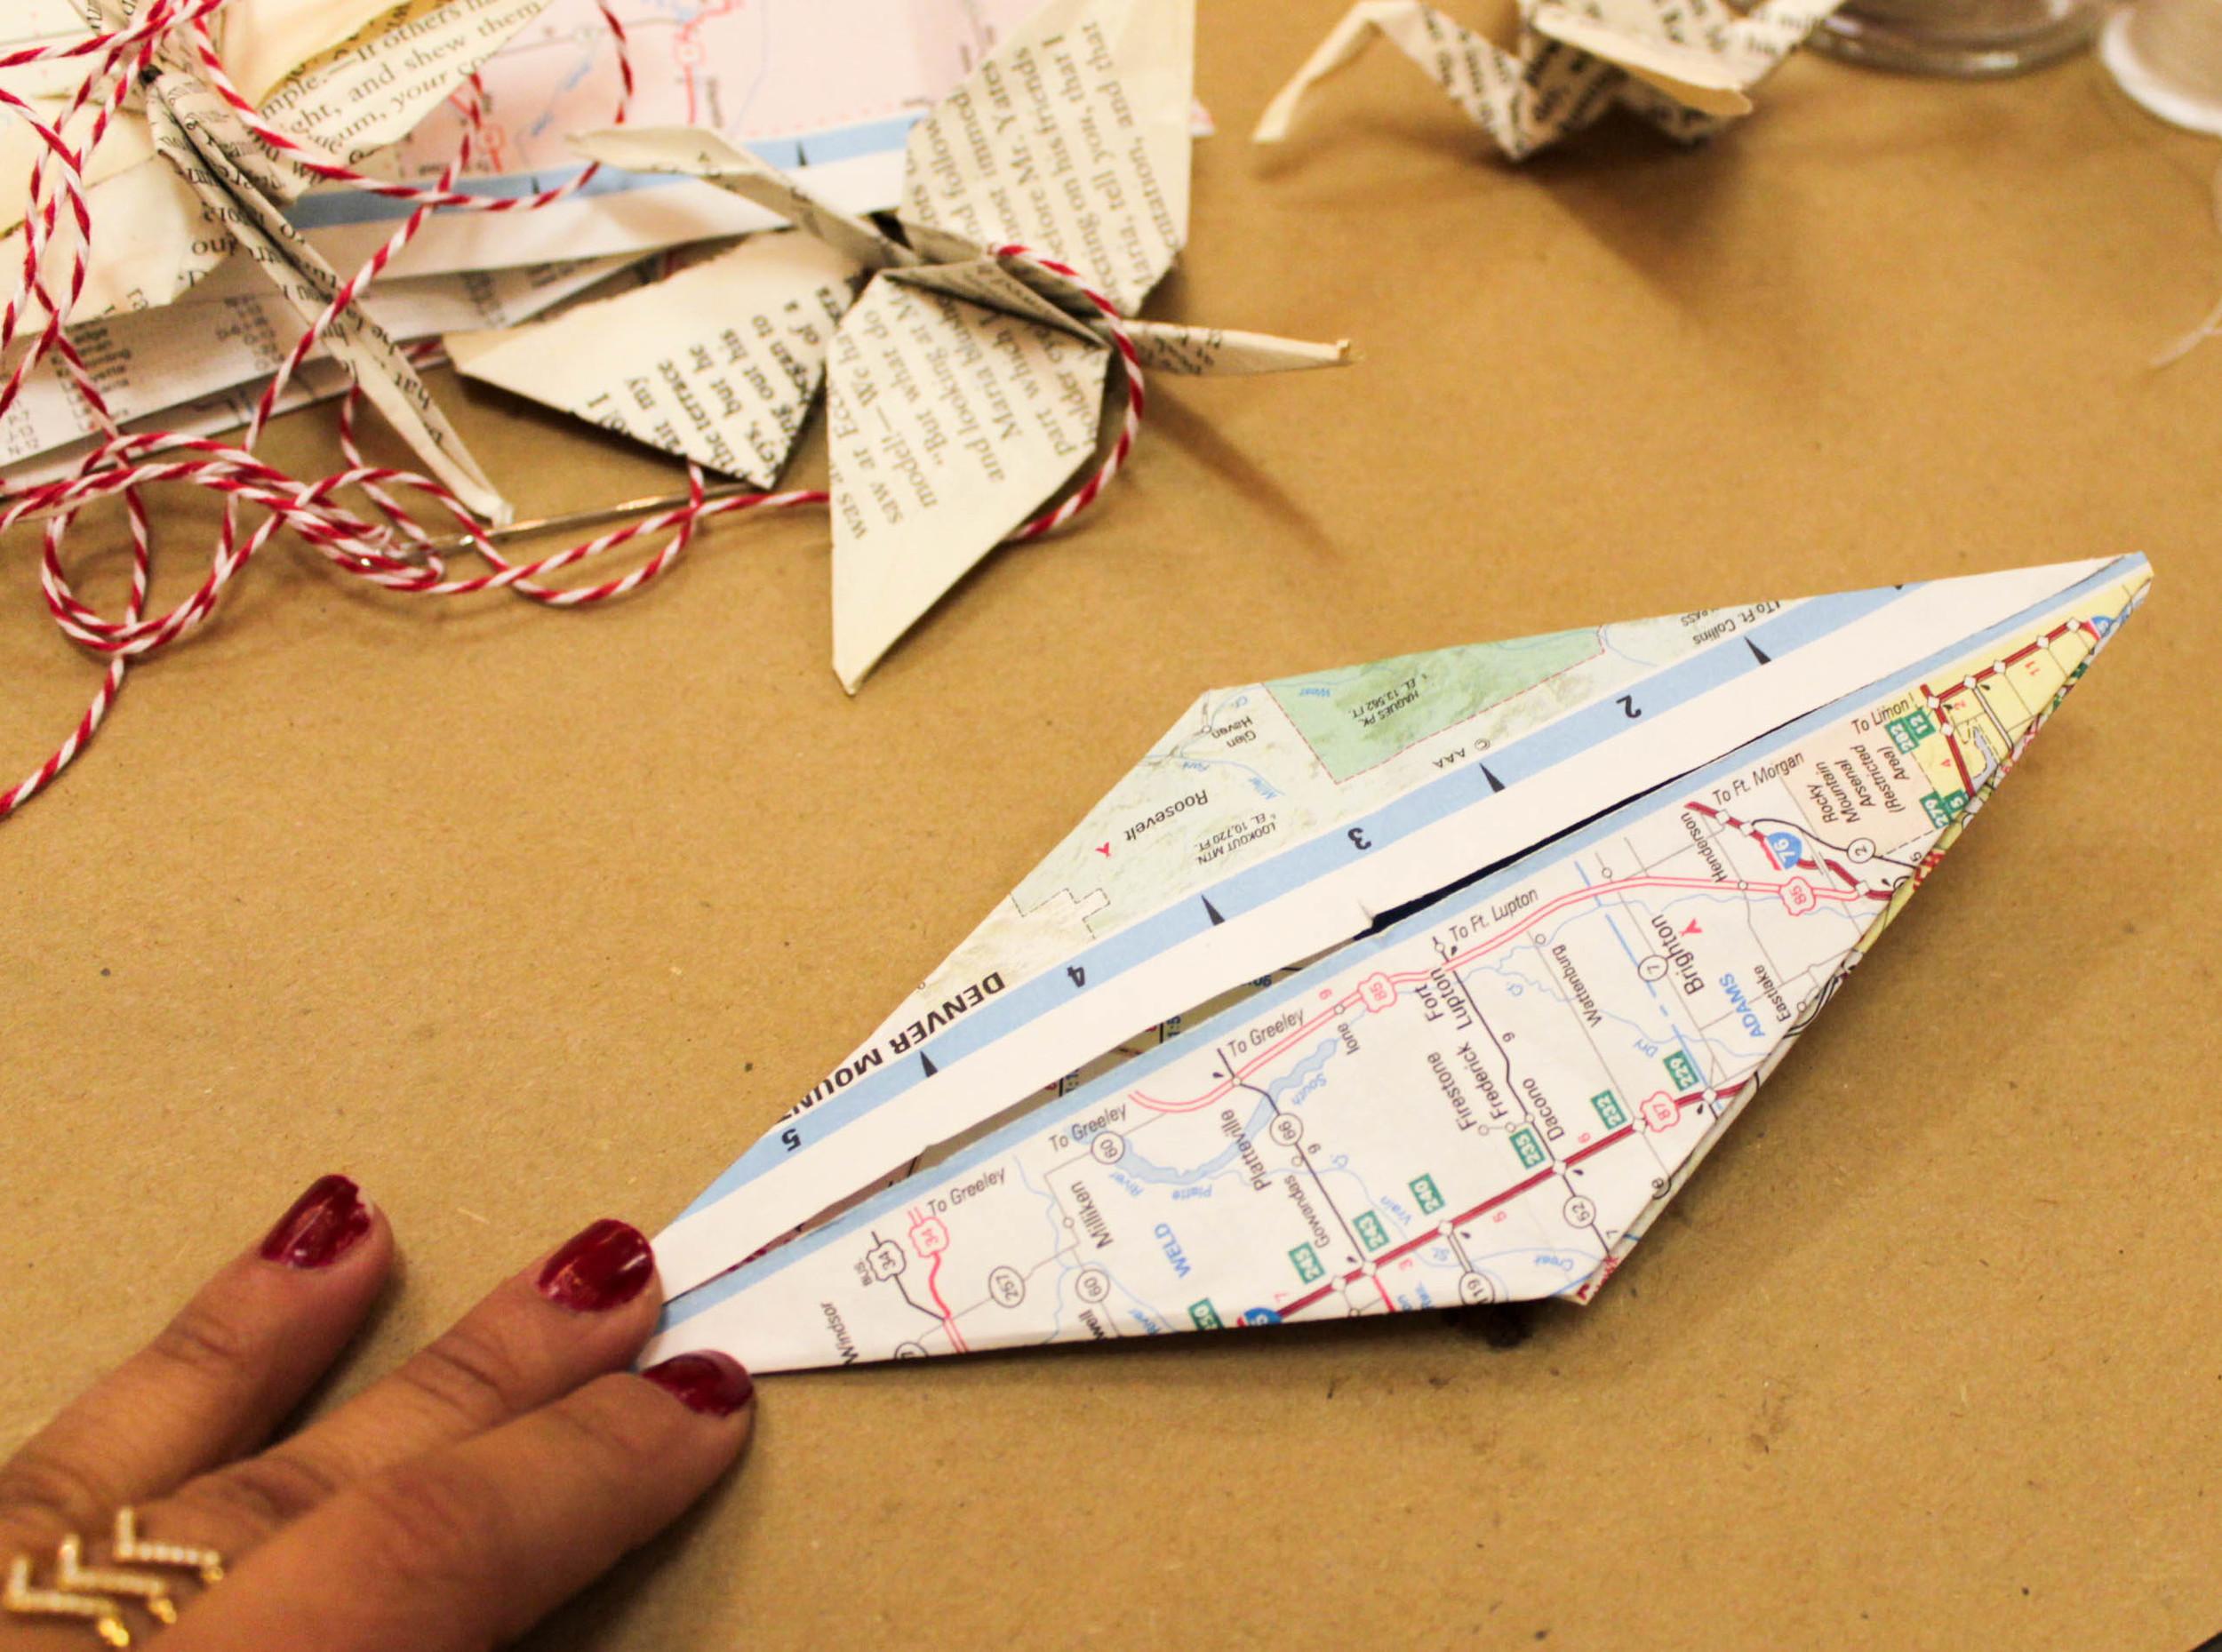 paper-cranes-etxe-14.jpg